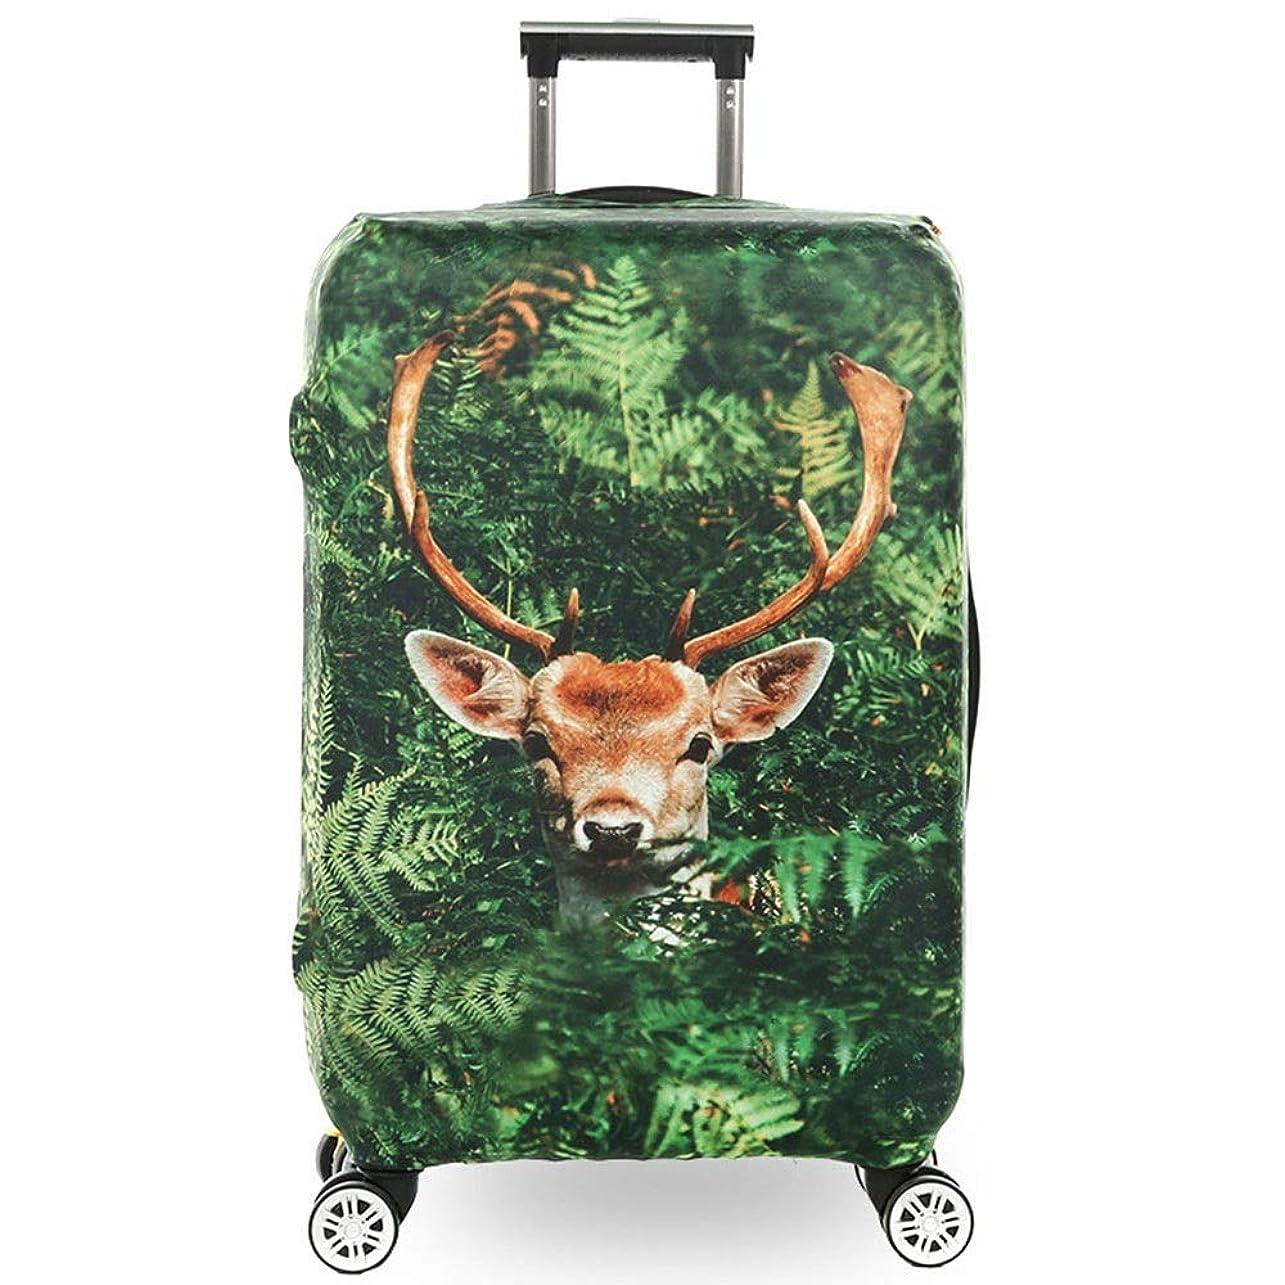 マトンあまりにも代わりに荷物カバー 3Dアニマルプリントエラスティックトラベルラゲッジカバー荷物を清潔に保つ18?32インチの荷物にフィット 機内持ち込み手荷物 (Color : Deer, Size : S(18''-21''))